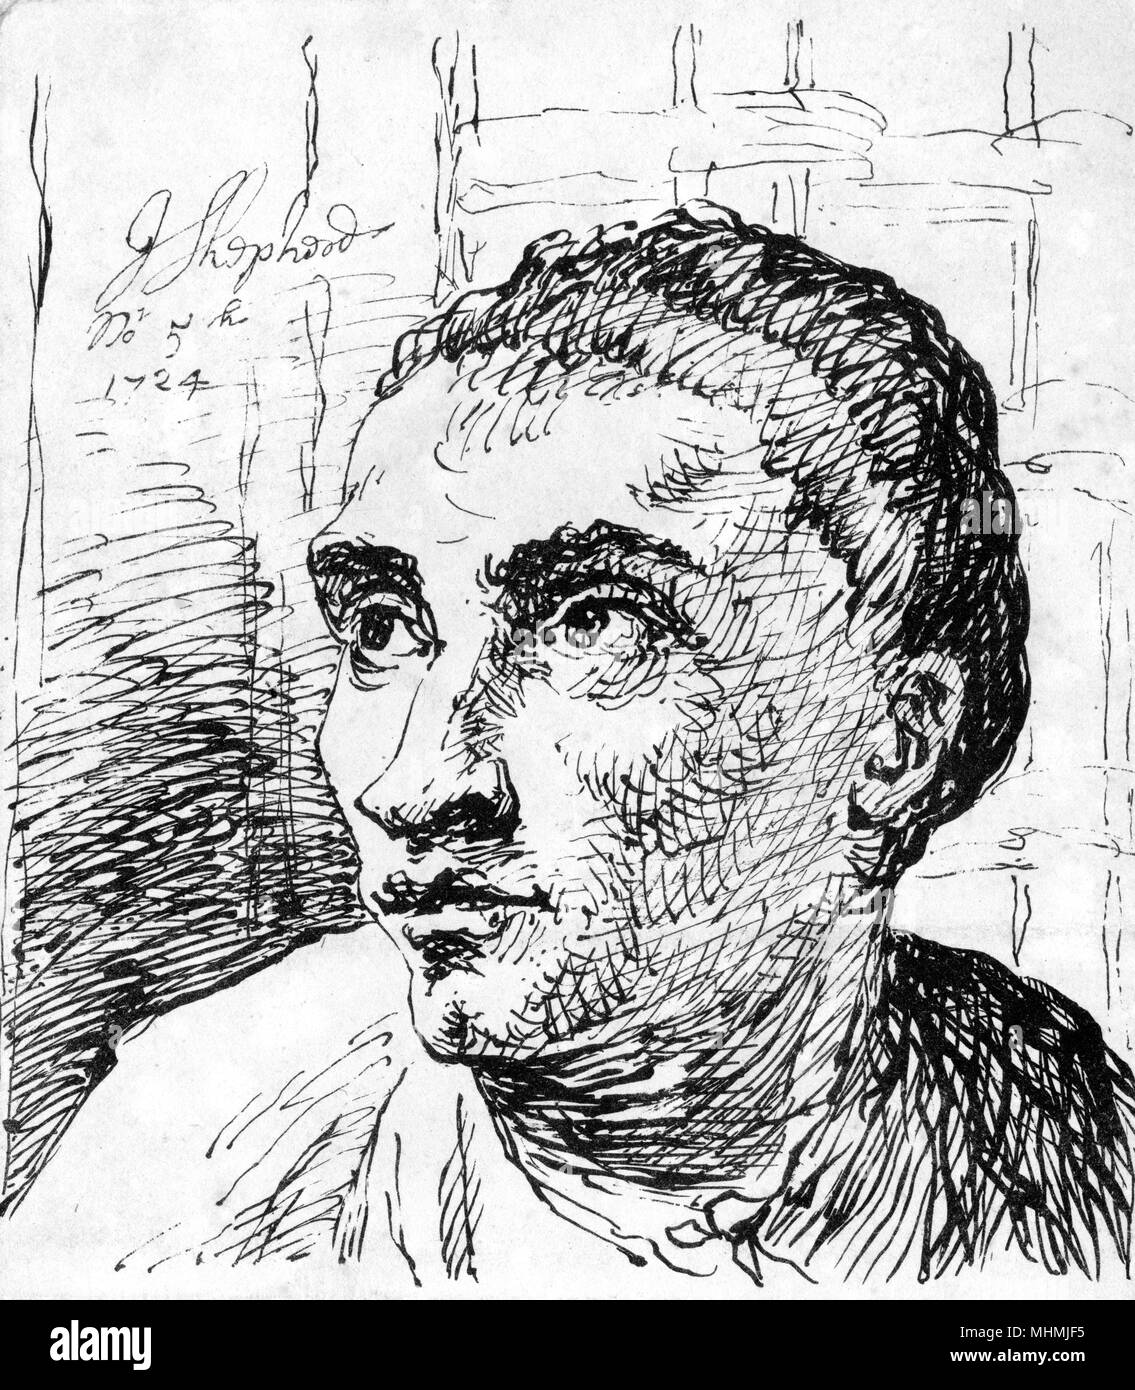 Jack Sheppard (1702-1724); inglese ladro; impegnato quasi quotidianamente le rapine in o vicino a Londra. Catturati attraverso Jonathan Wild. Audace scappa dalla prigione di Newgate; impiccato. Data: 1724 Immagini Stock